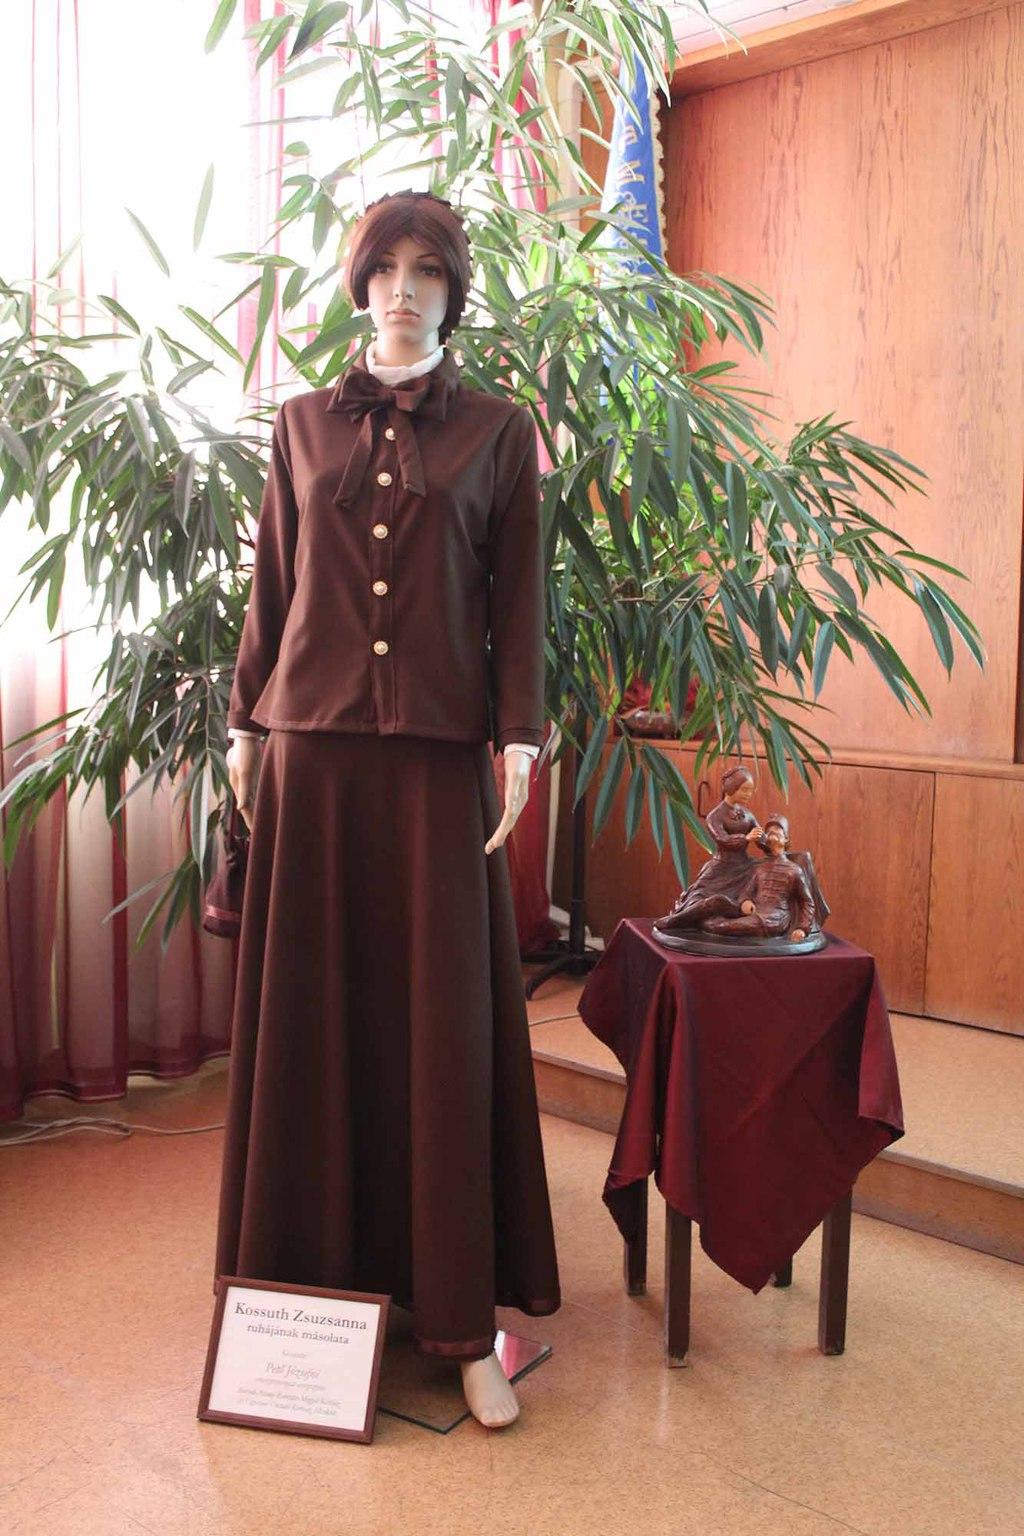 Kossuth Zsuzsanna ruhájának másolata a sajtóeseményen.